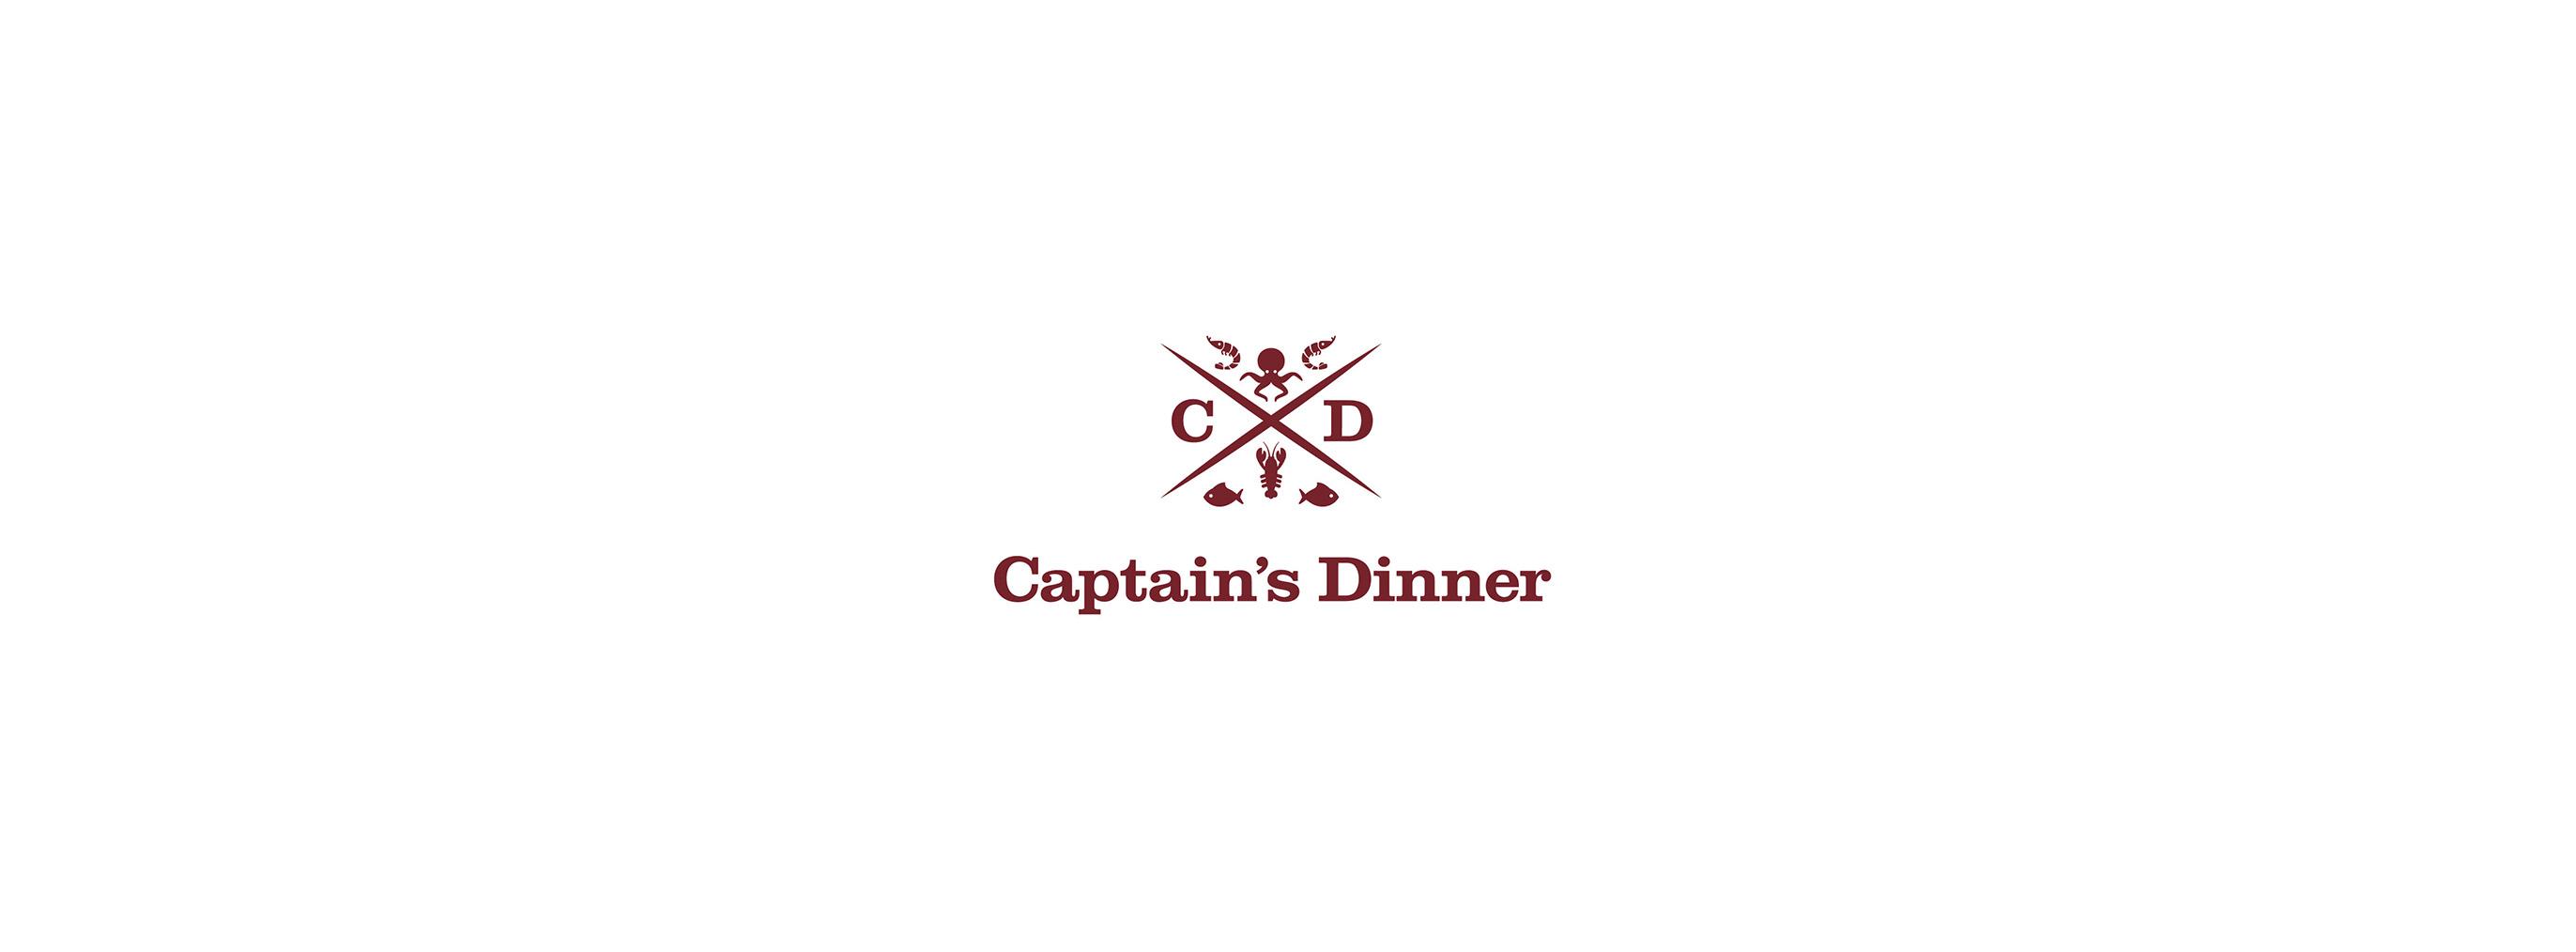 Captainsdinner